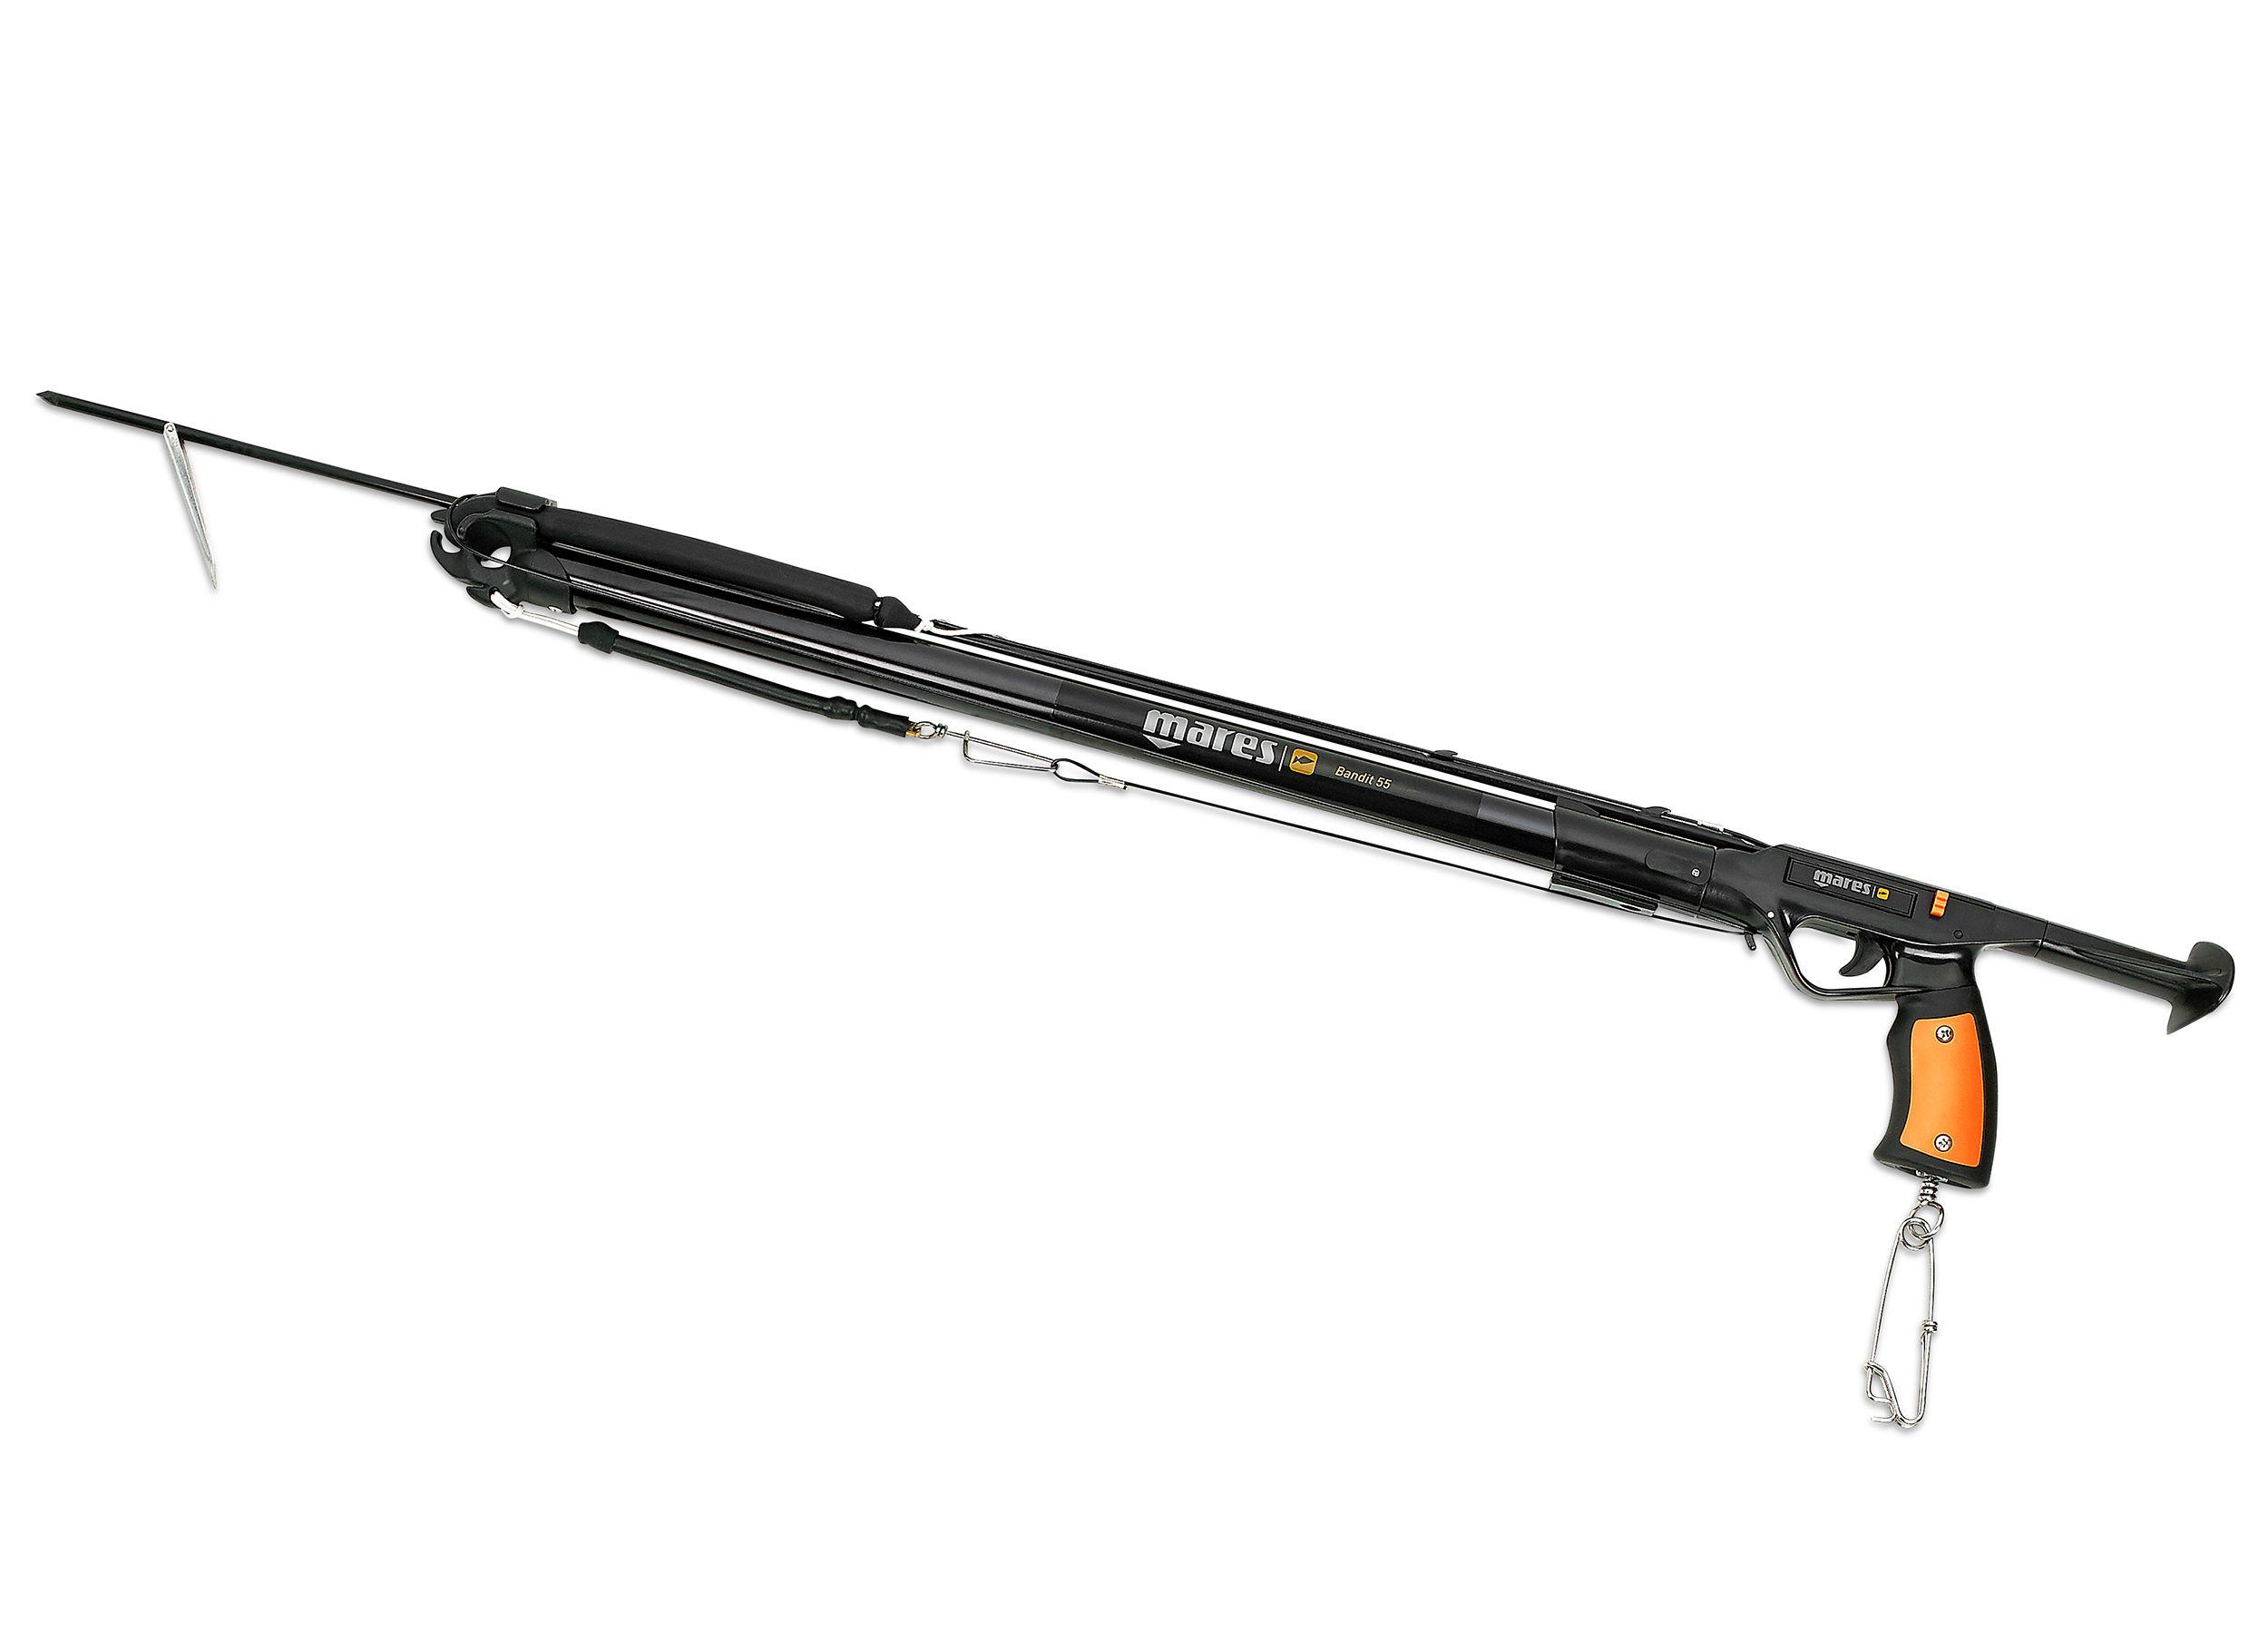 Fusil de pesca submarina - Mares - Bandit.